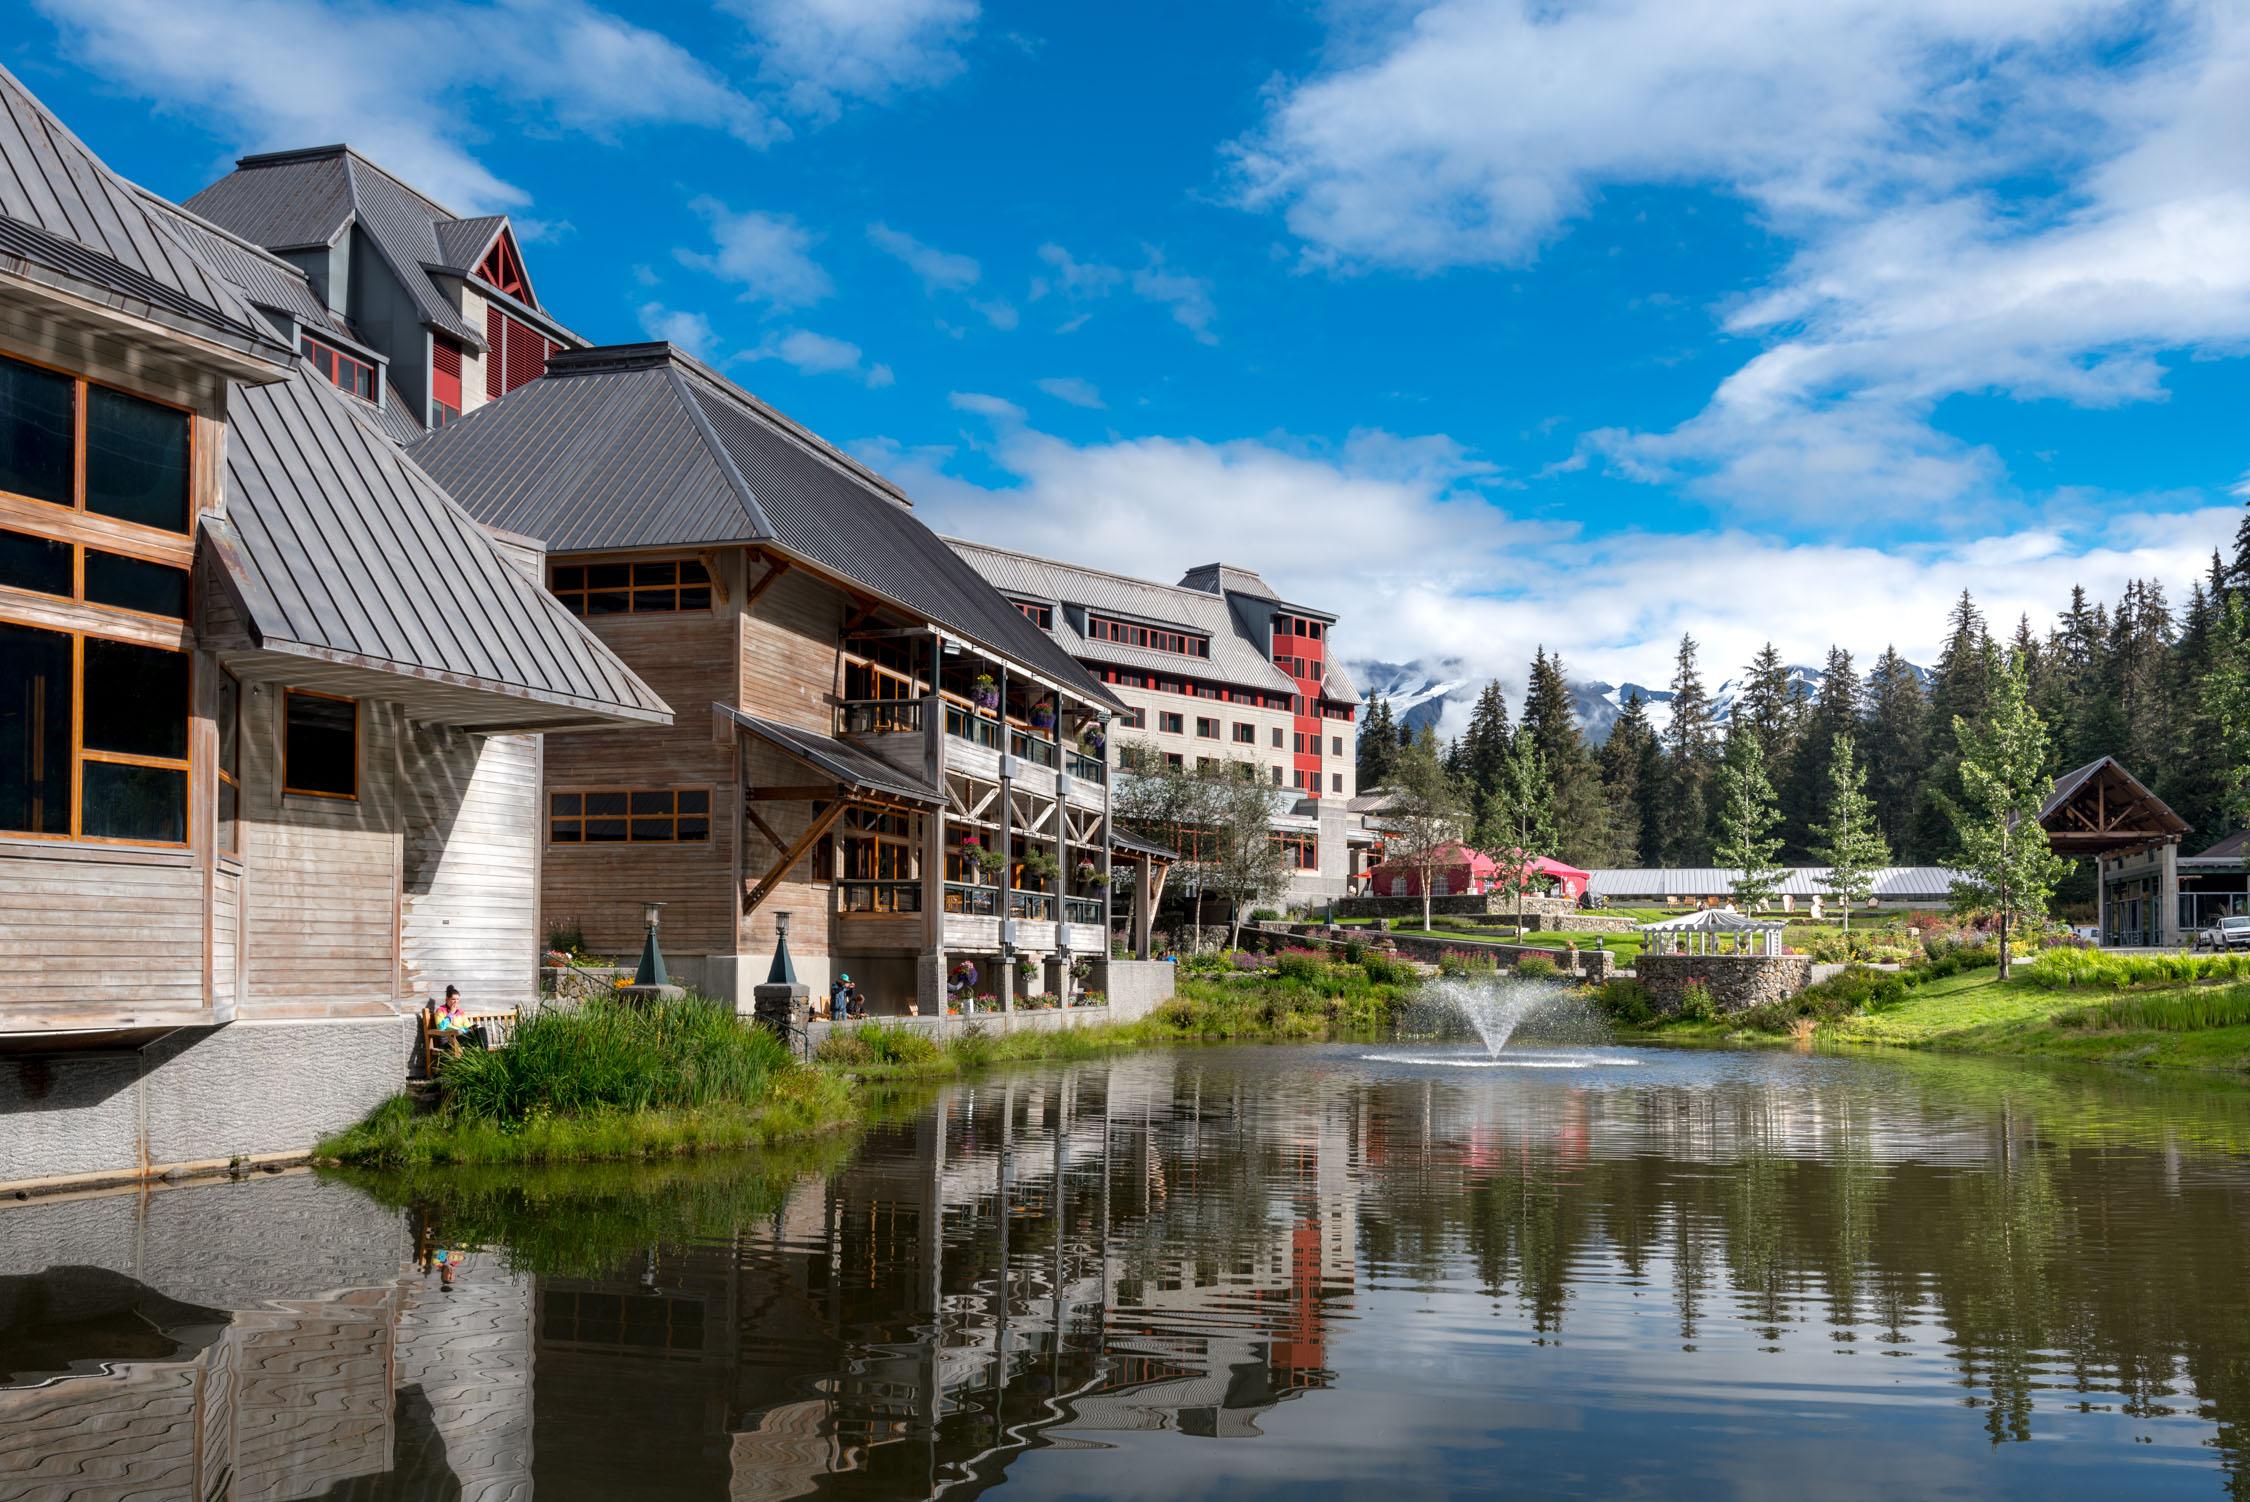 Views of   Alyeska Resort in Alaska